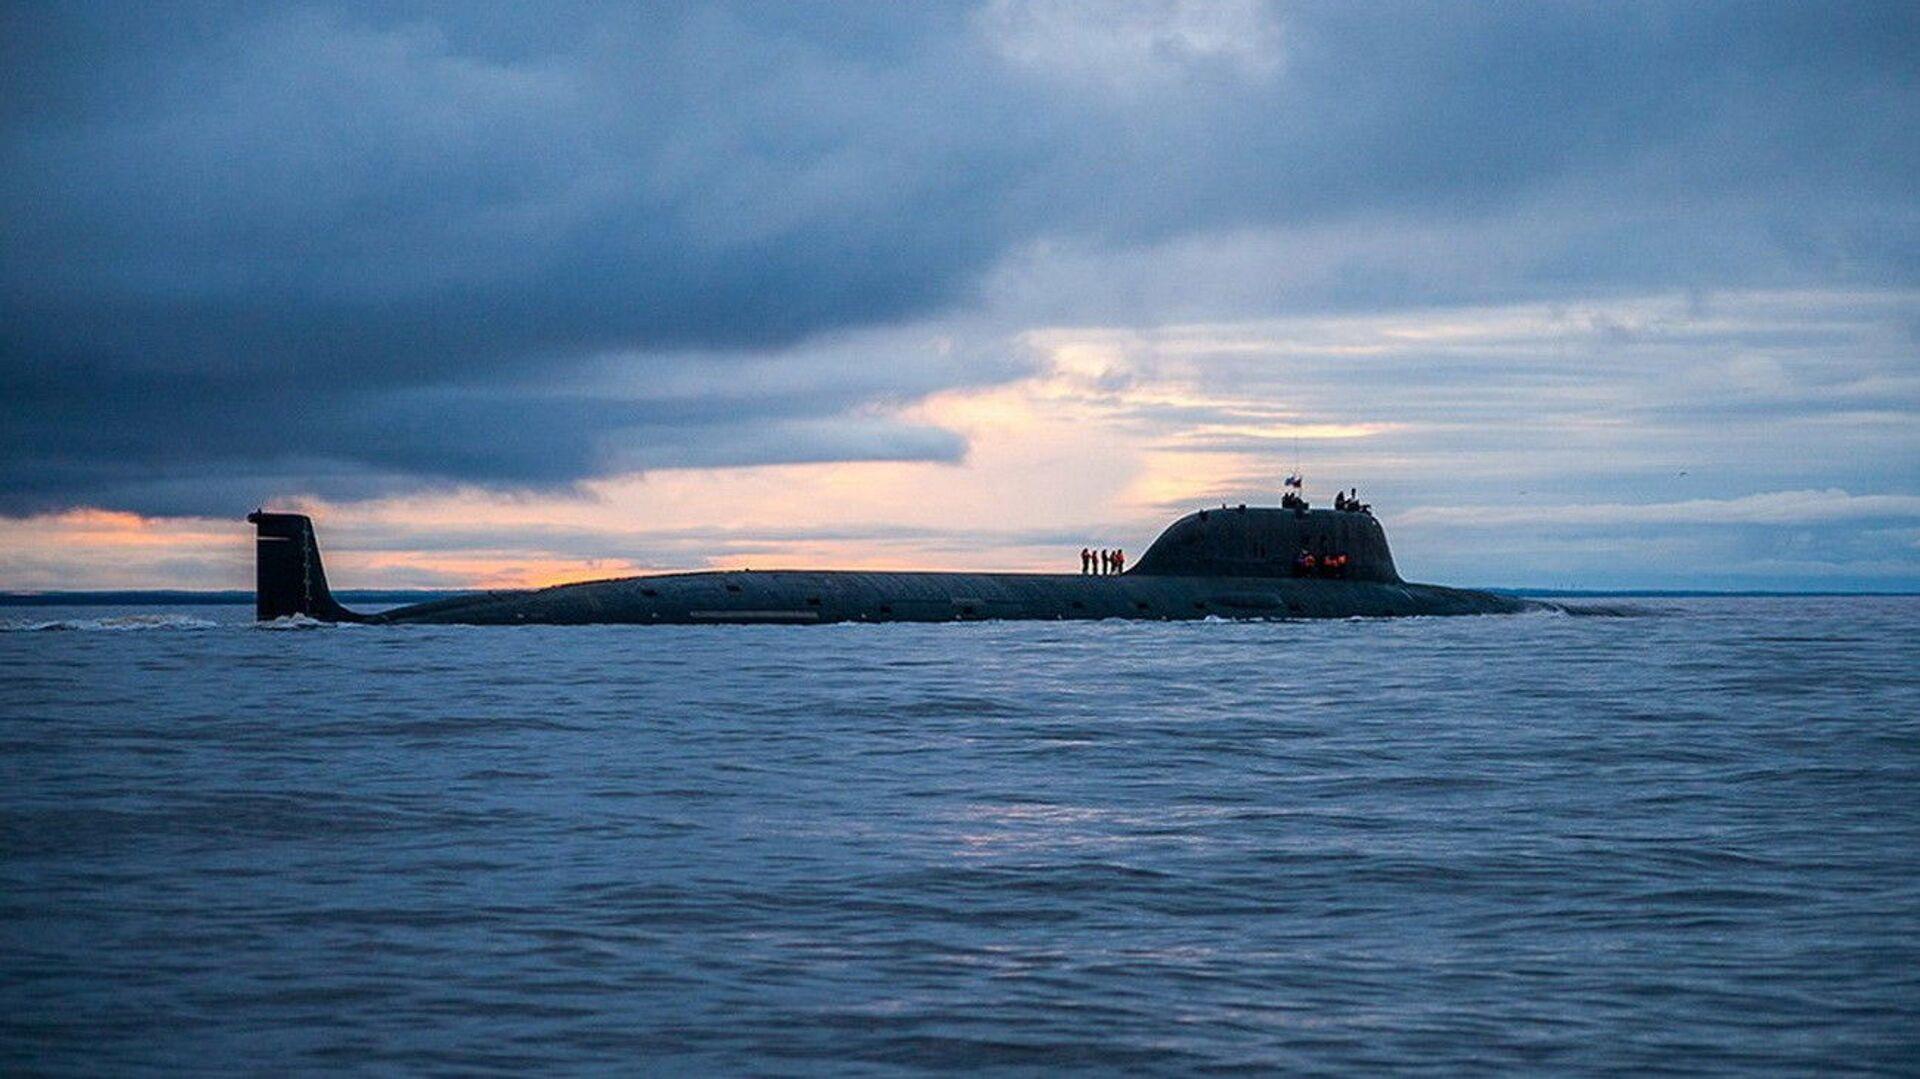 Sottomarino missilistico russo Severodvinsk del 'Progetto 885M' classe Yasen  - Sputnik Italia, 1920, 09.08.2021